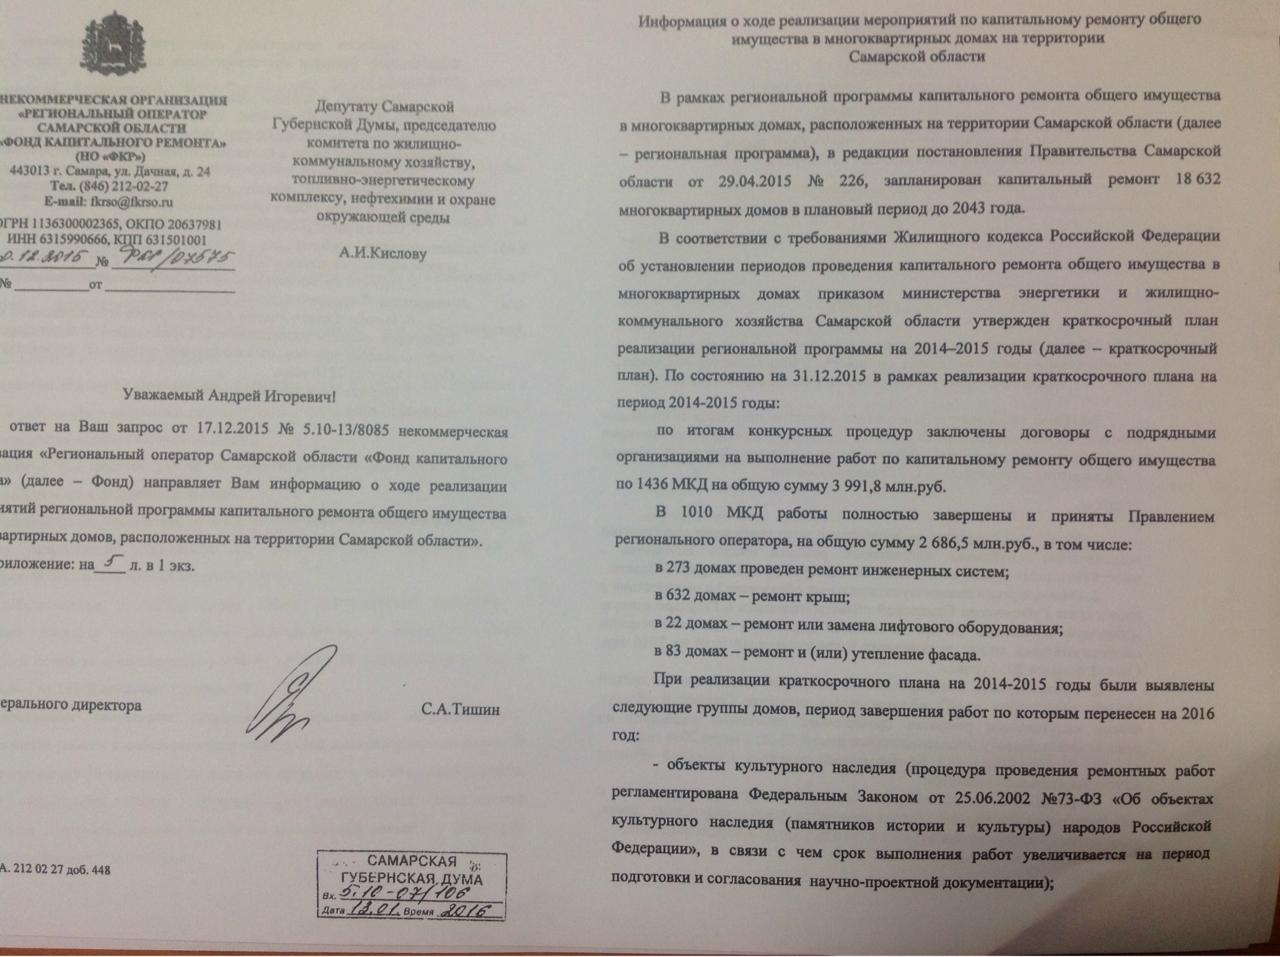 Отчет Фонда капремонта Самарской области документ Блог Михаила  image 19 01 16 10 19 jpeg